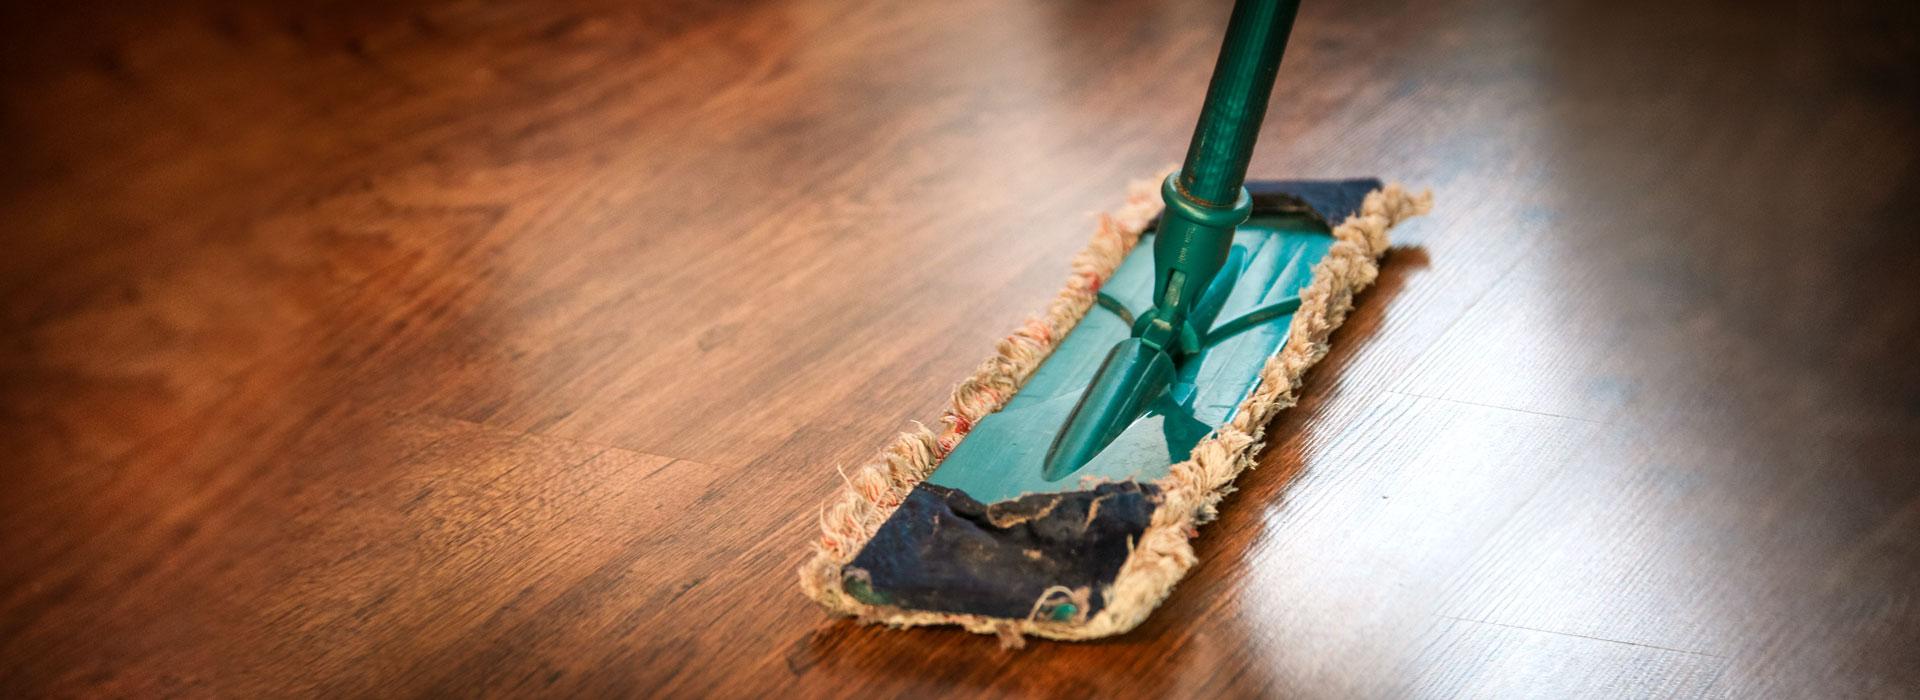 Reinigung und Haushalt bei Familienpflege